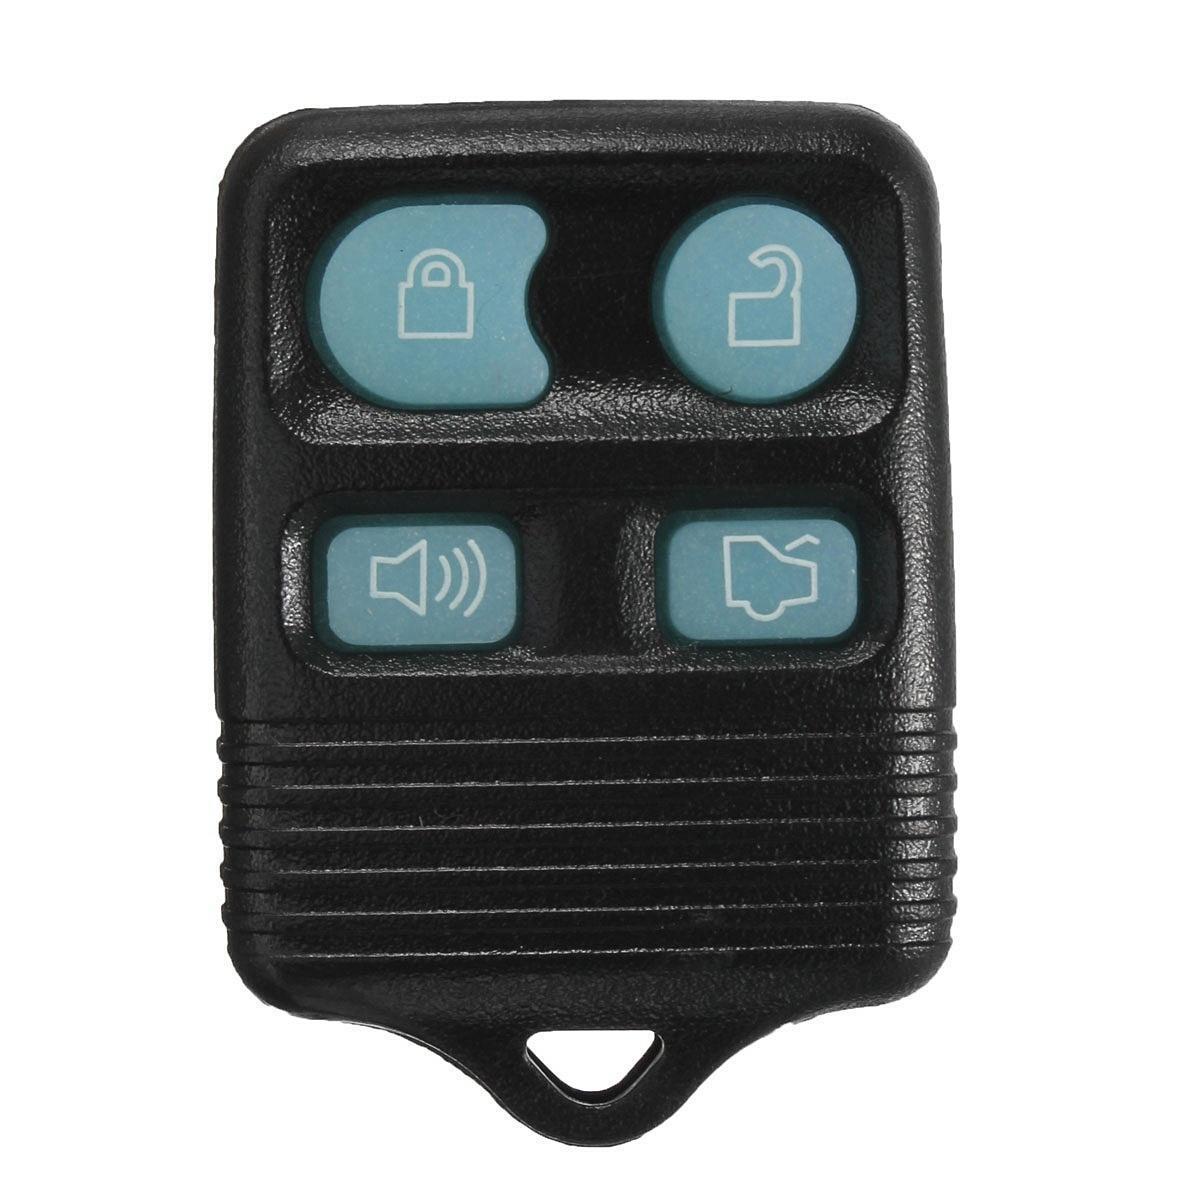 4BTN запись удаленного брелок случае кликер передатчик свечение в темноте для Форд Линкольн нержавеющая выхлопная система форд мондео 4